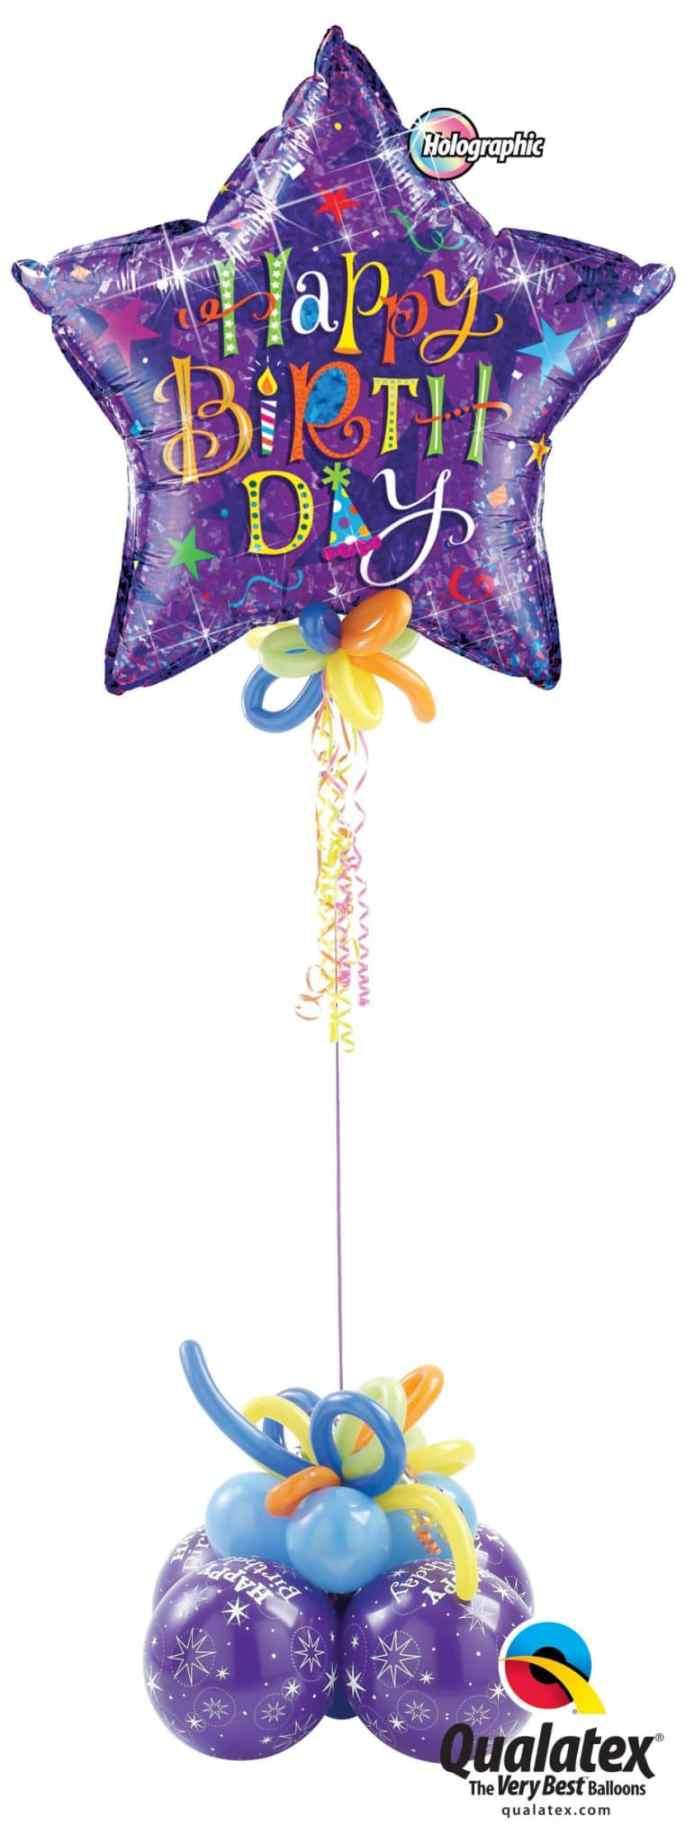 Birthday Giant Microfoil Image